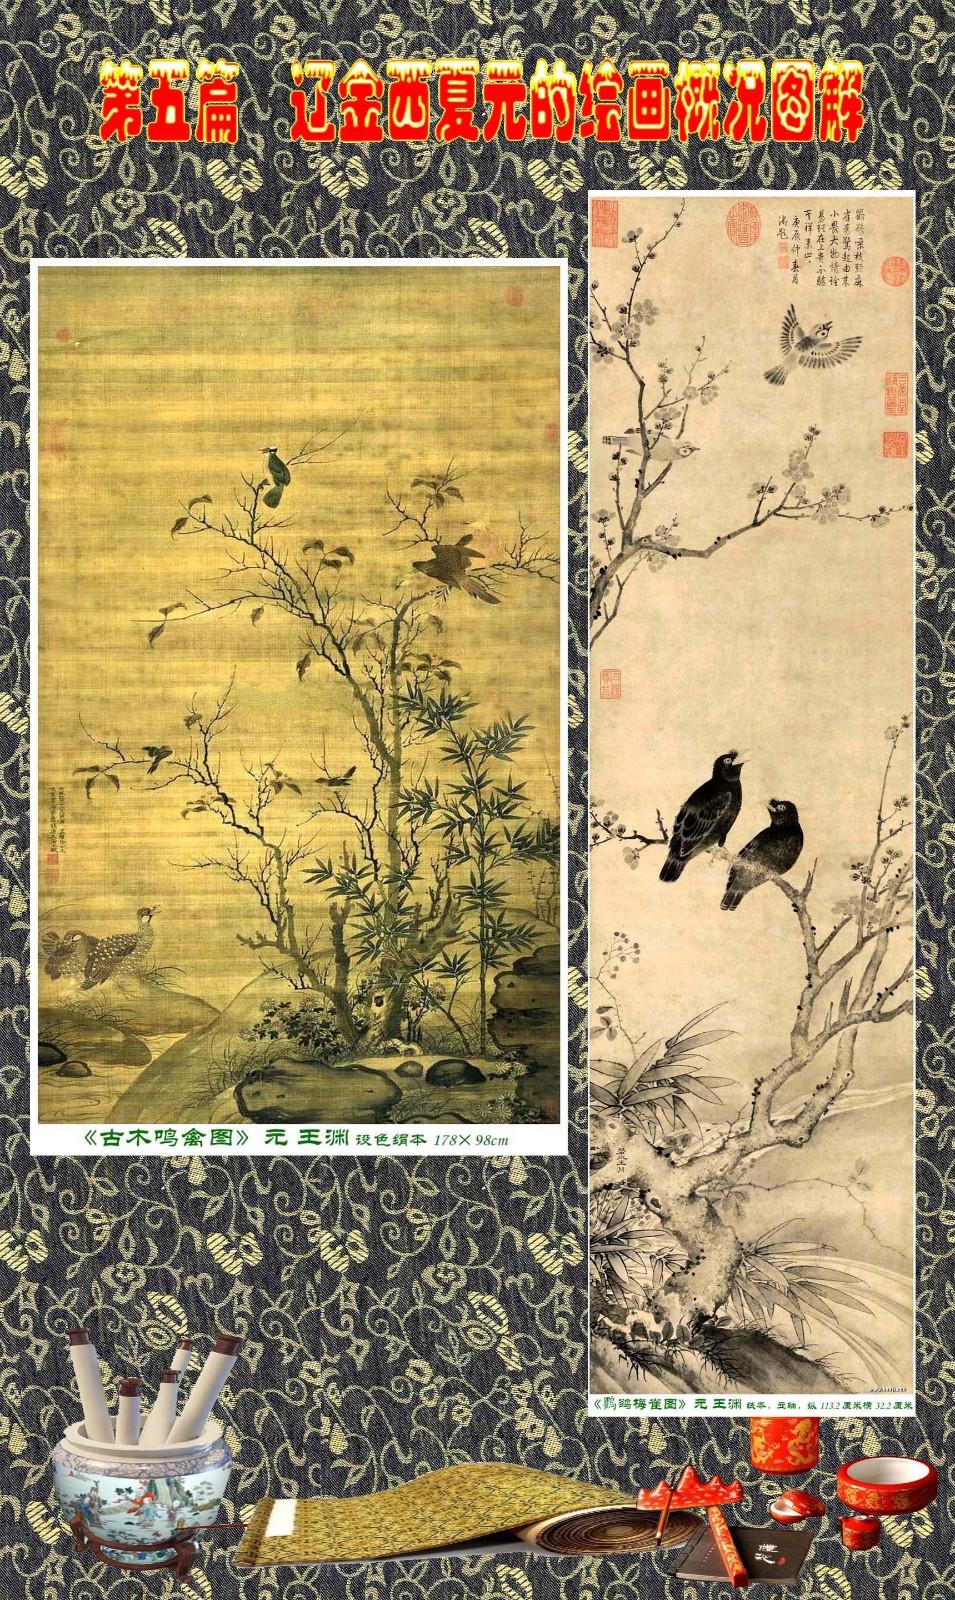 顾绍骅编辑 中国画知识普及版 第五篇 辽金西夏元的绘画概况 下 ... ..._图1-66